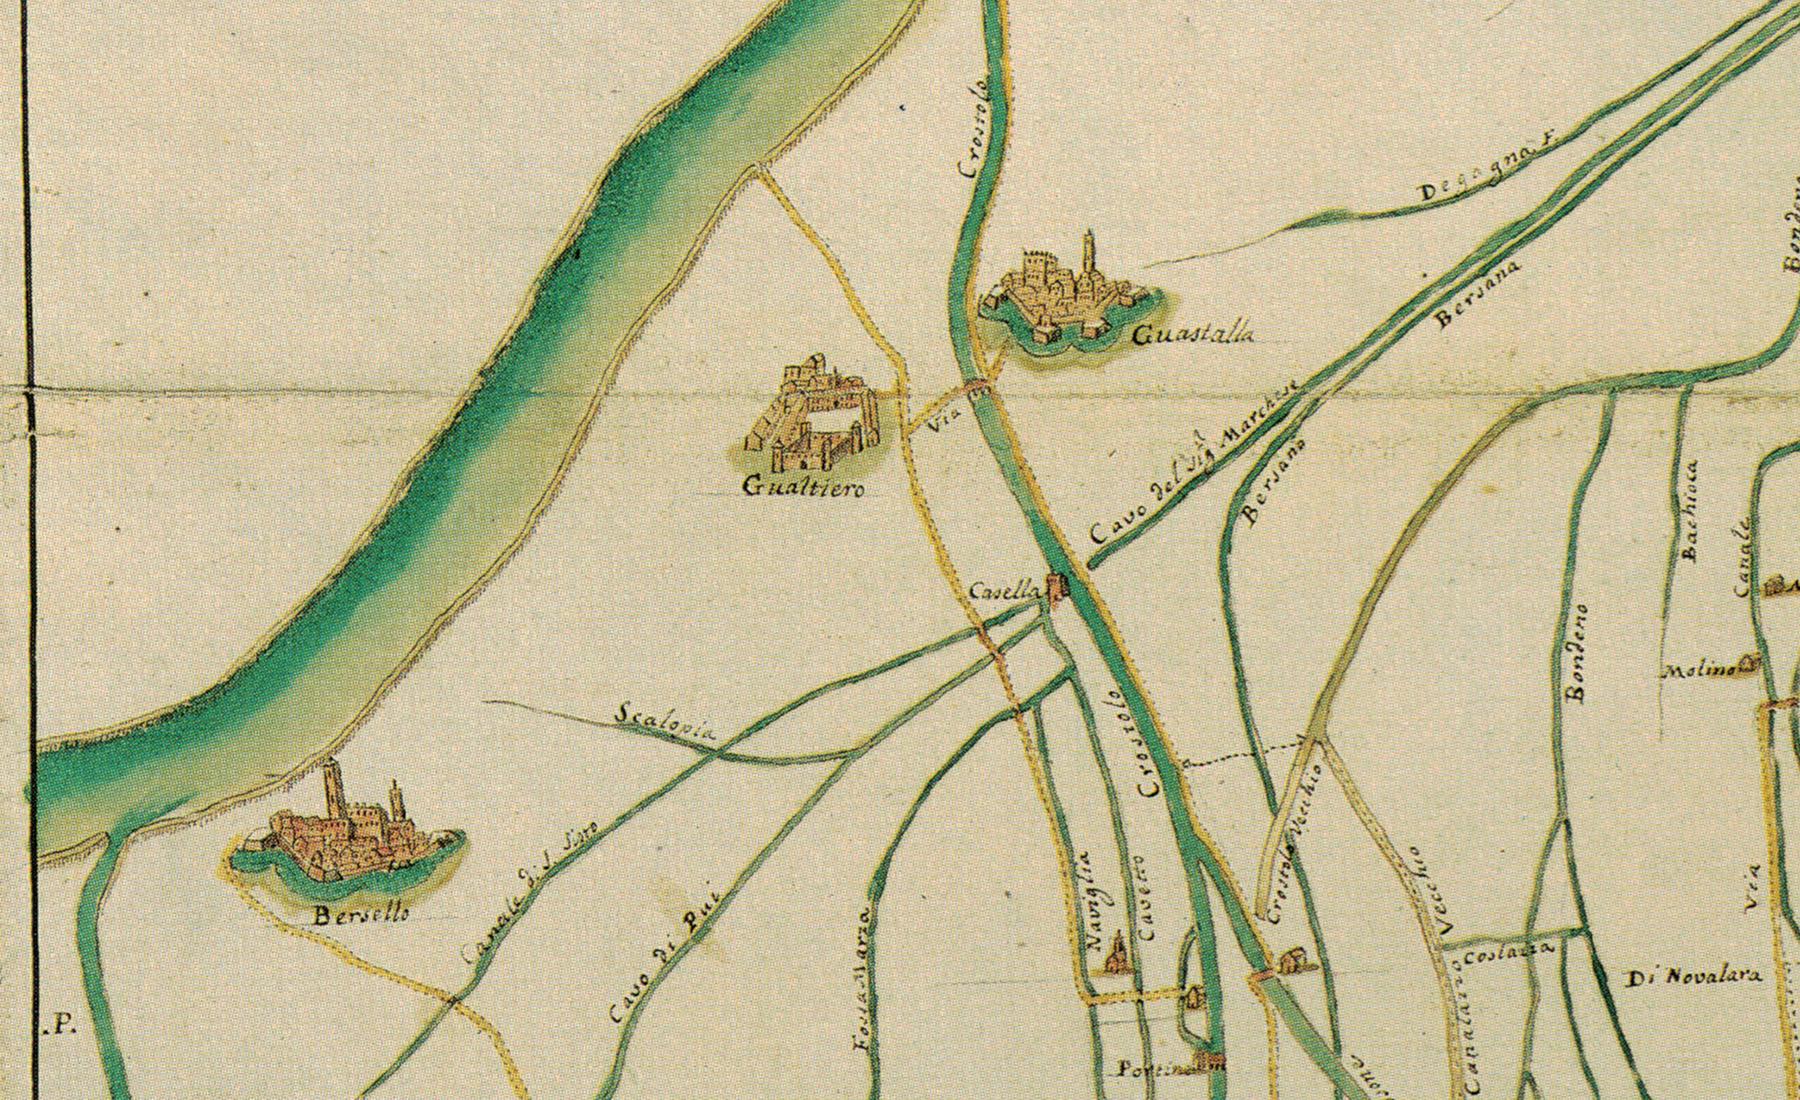 Teatro Sociale Gualtieri – Mappario Mappa Genio Militare 2 – particolare – 1800×1100